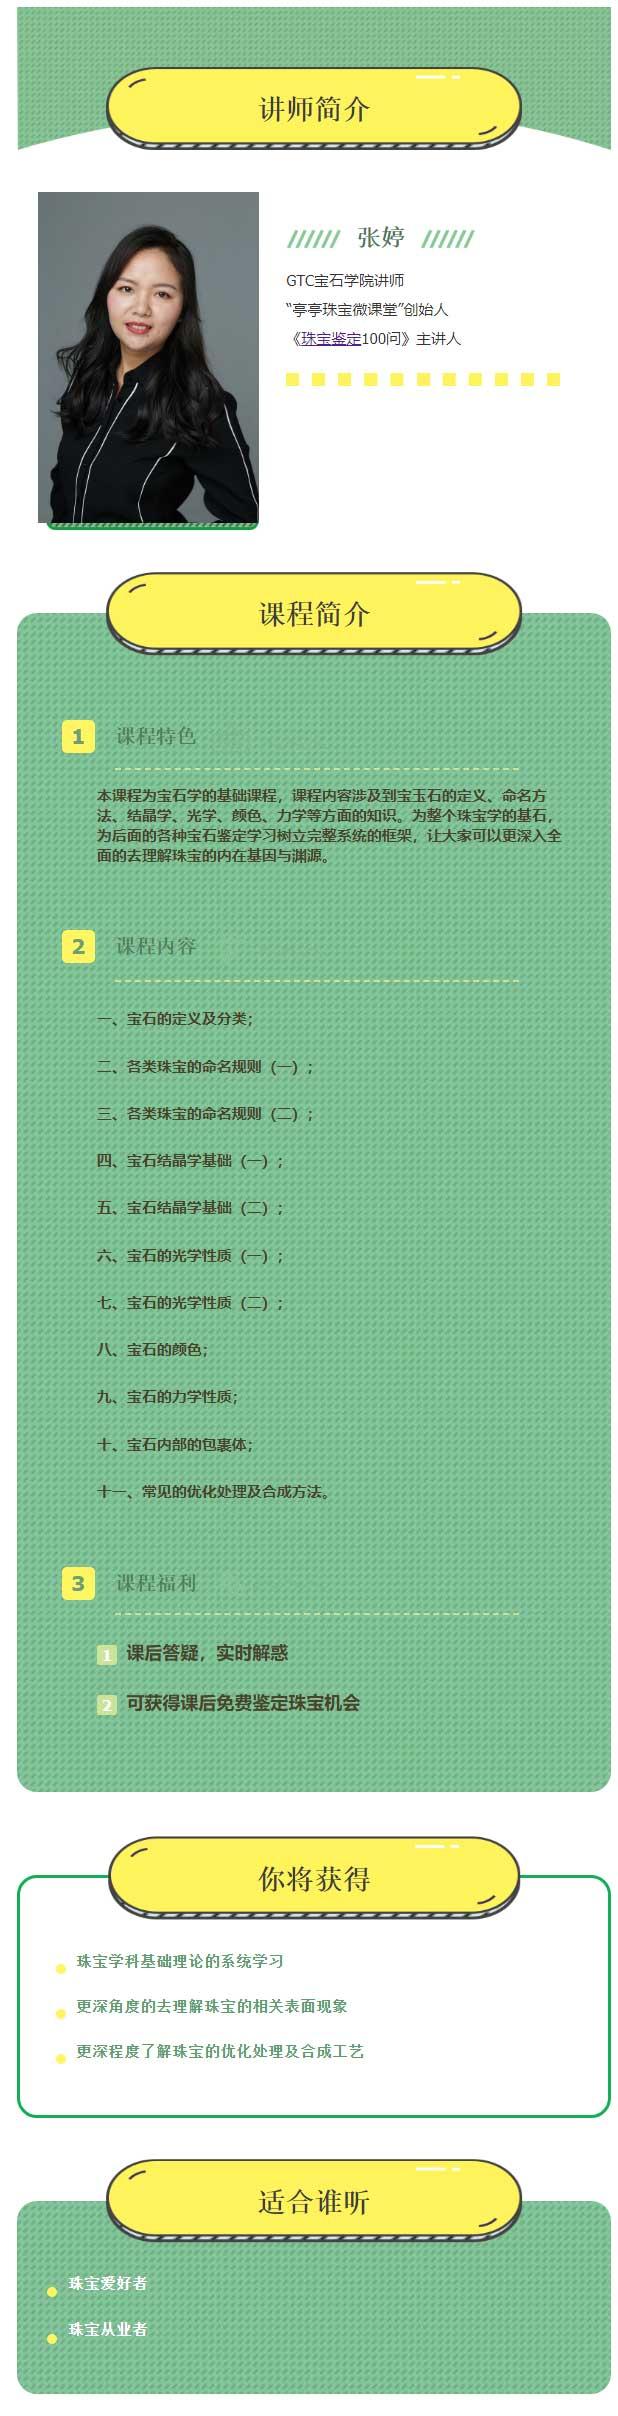 宝玉石基础课程---珠宝玉石鉴定师培训学校-翡翠和田课程学习班-GTC宝石学院(北京)